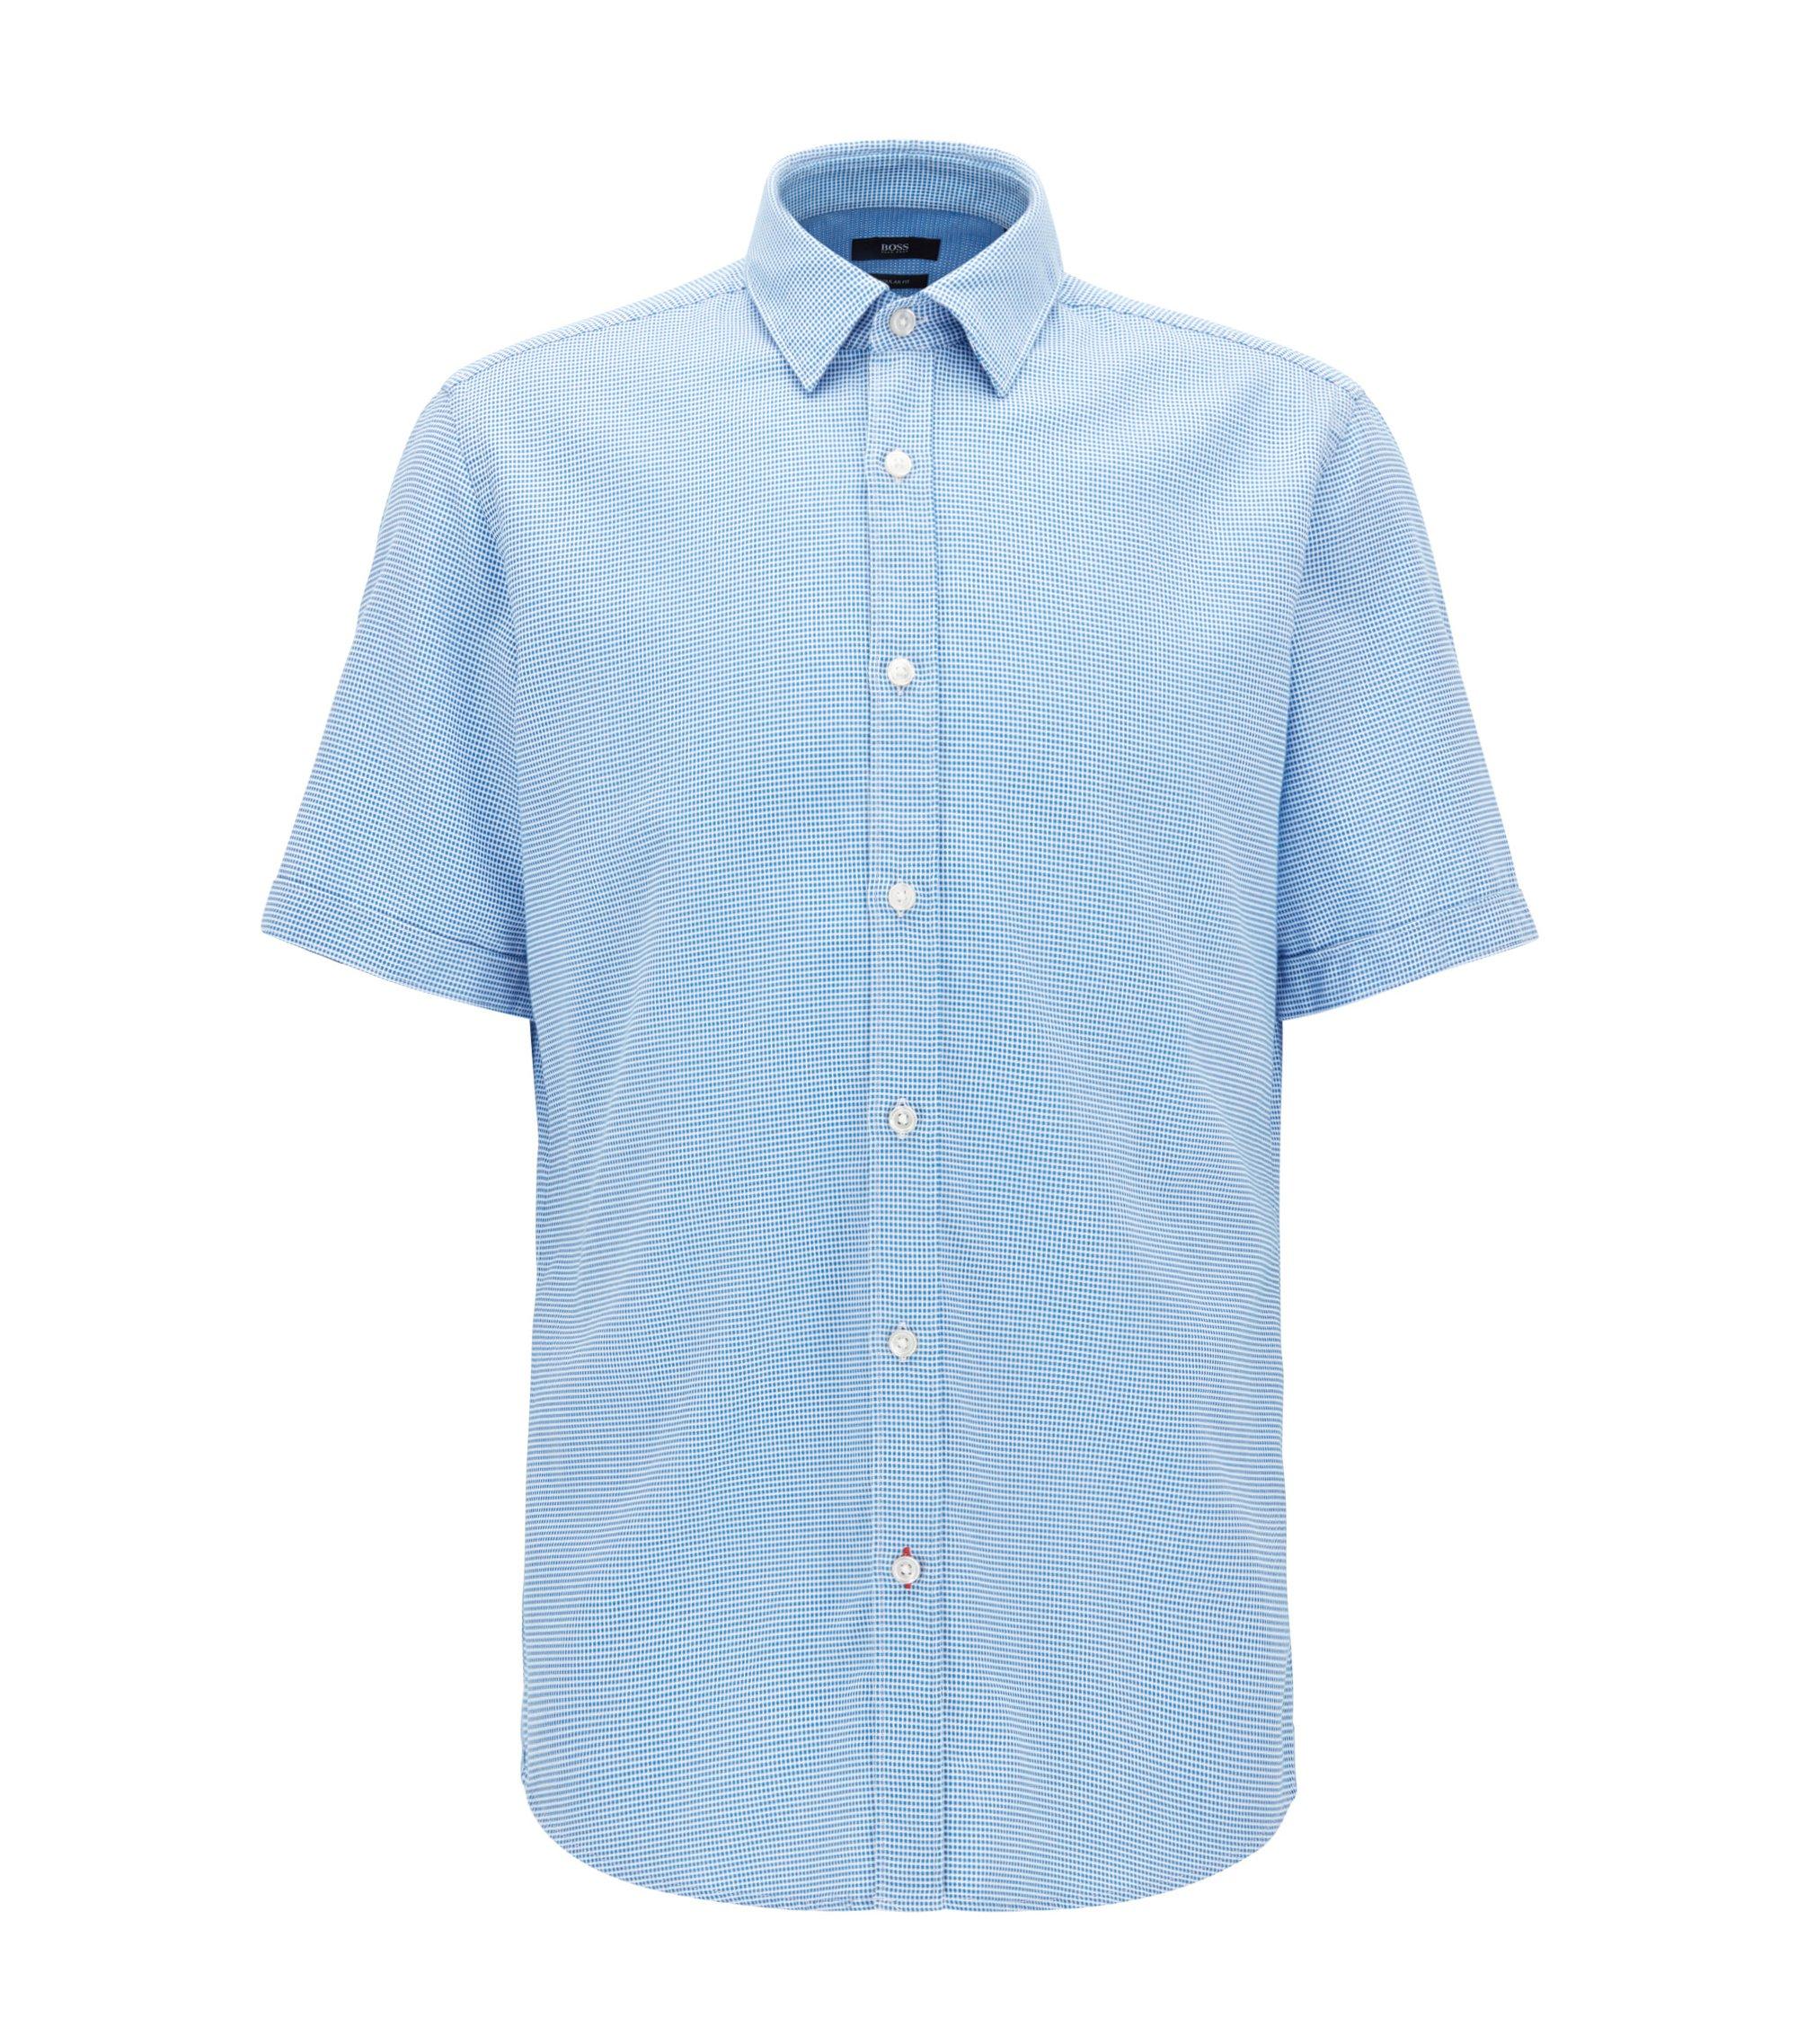 Nailhead Cotton Sport Shirt, Regular Fit | Luka, Blue